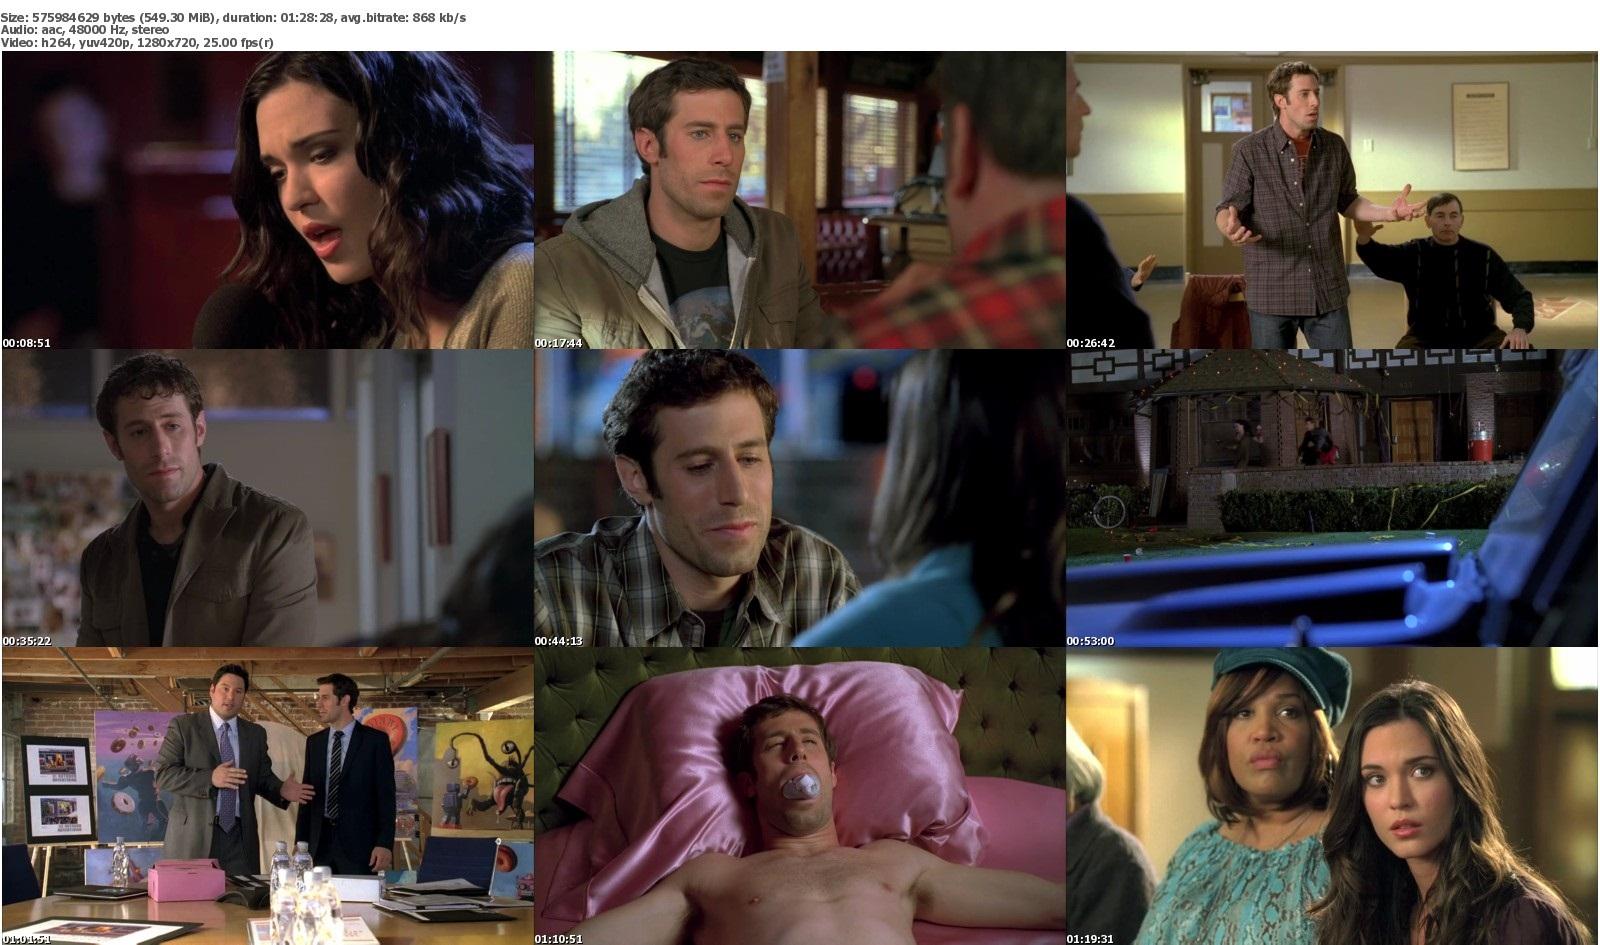 http://1.bp.blogspot.com/-T6QDql-mY8M/TueDN0ohZFI/AAAAAAAAF2w/8j-Q0psyC88/s1600/Group-Sex-20101.jpg